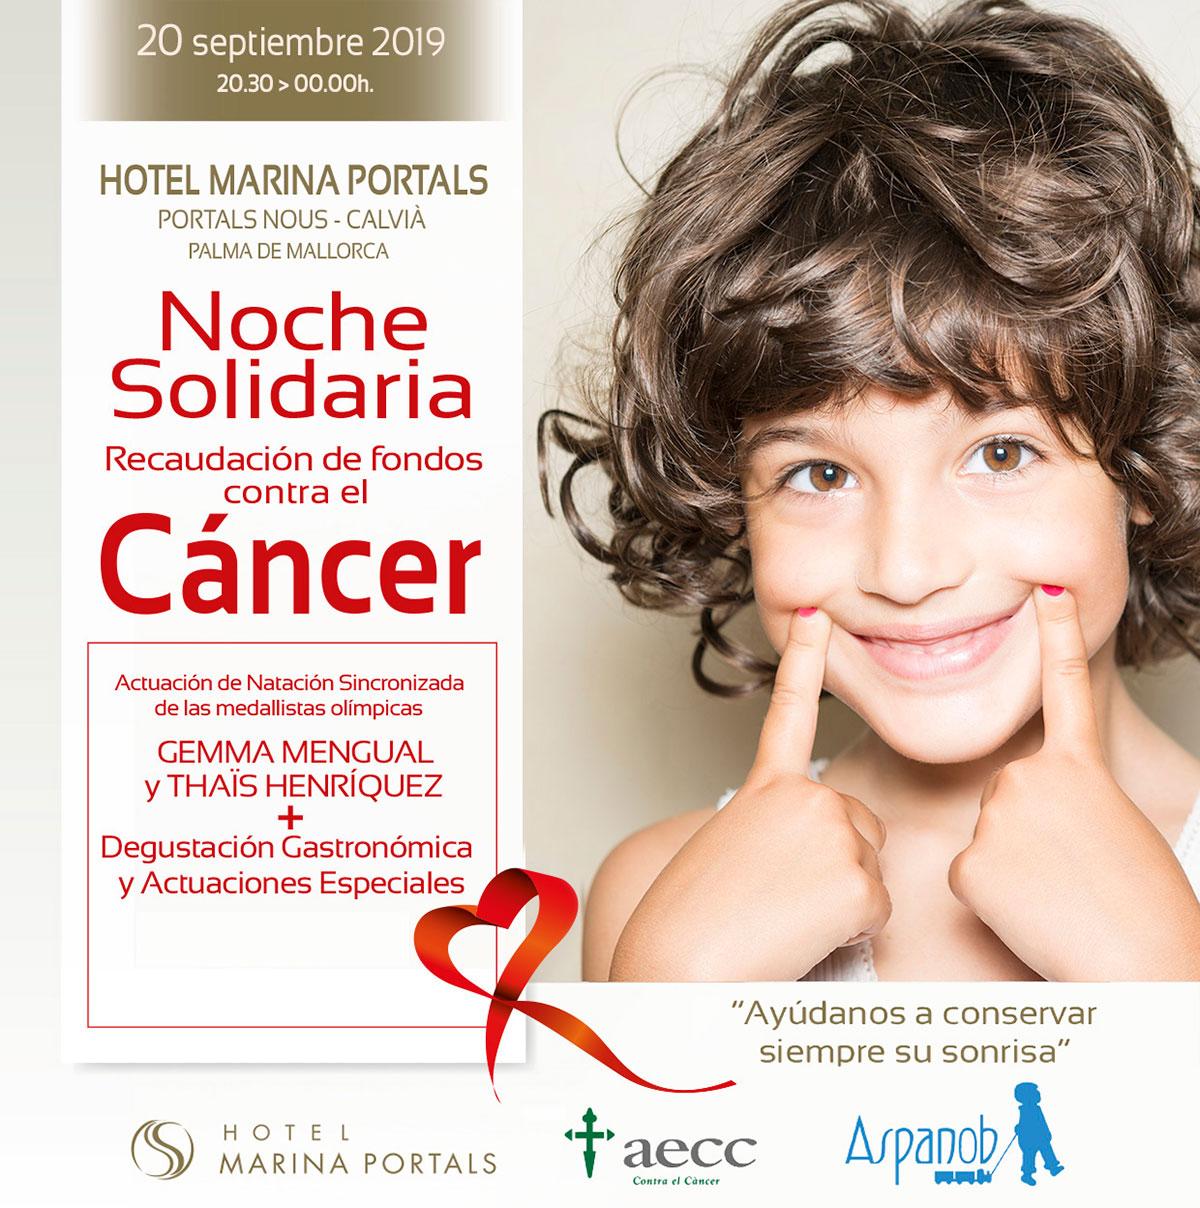 Sallés Hotels Marina Portals organiza una noche solidaria para combatir el cáncer infantil